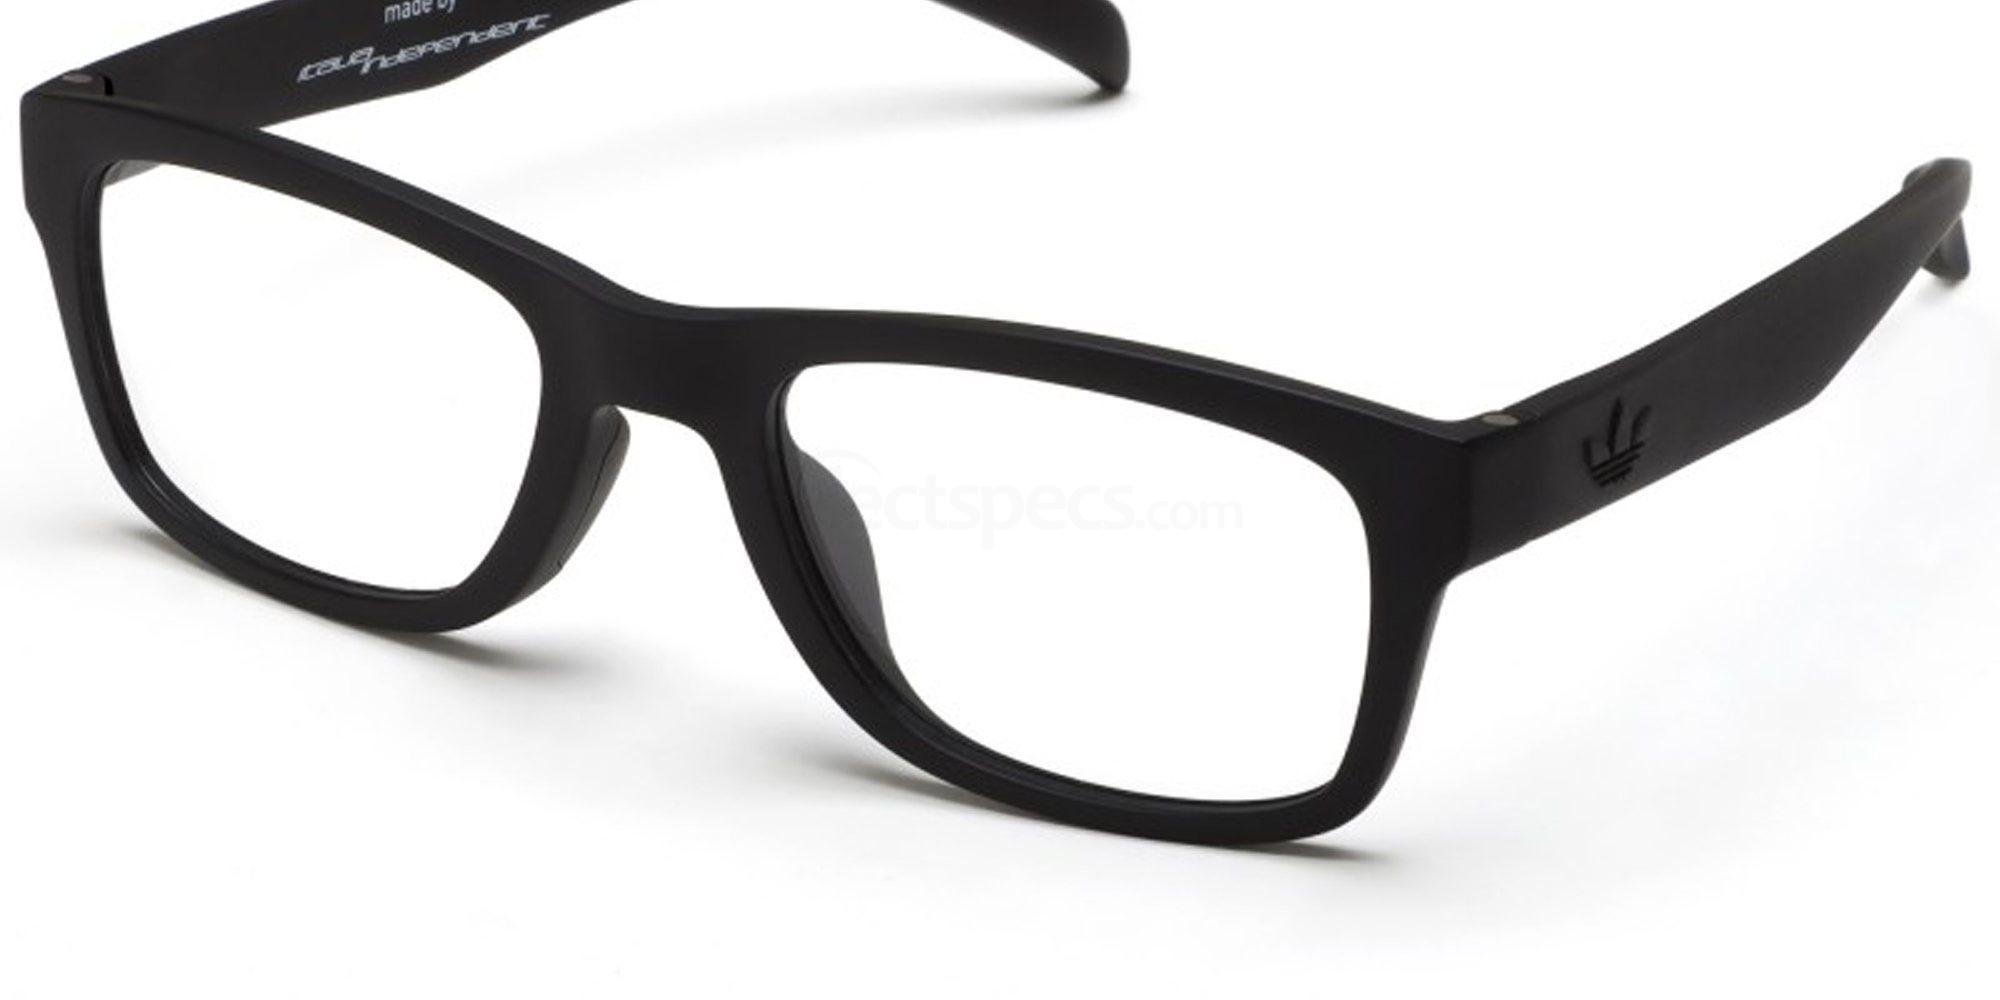 009.009 AOR005O Glasses, Adidas Originals